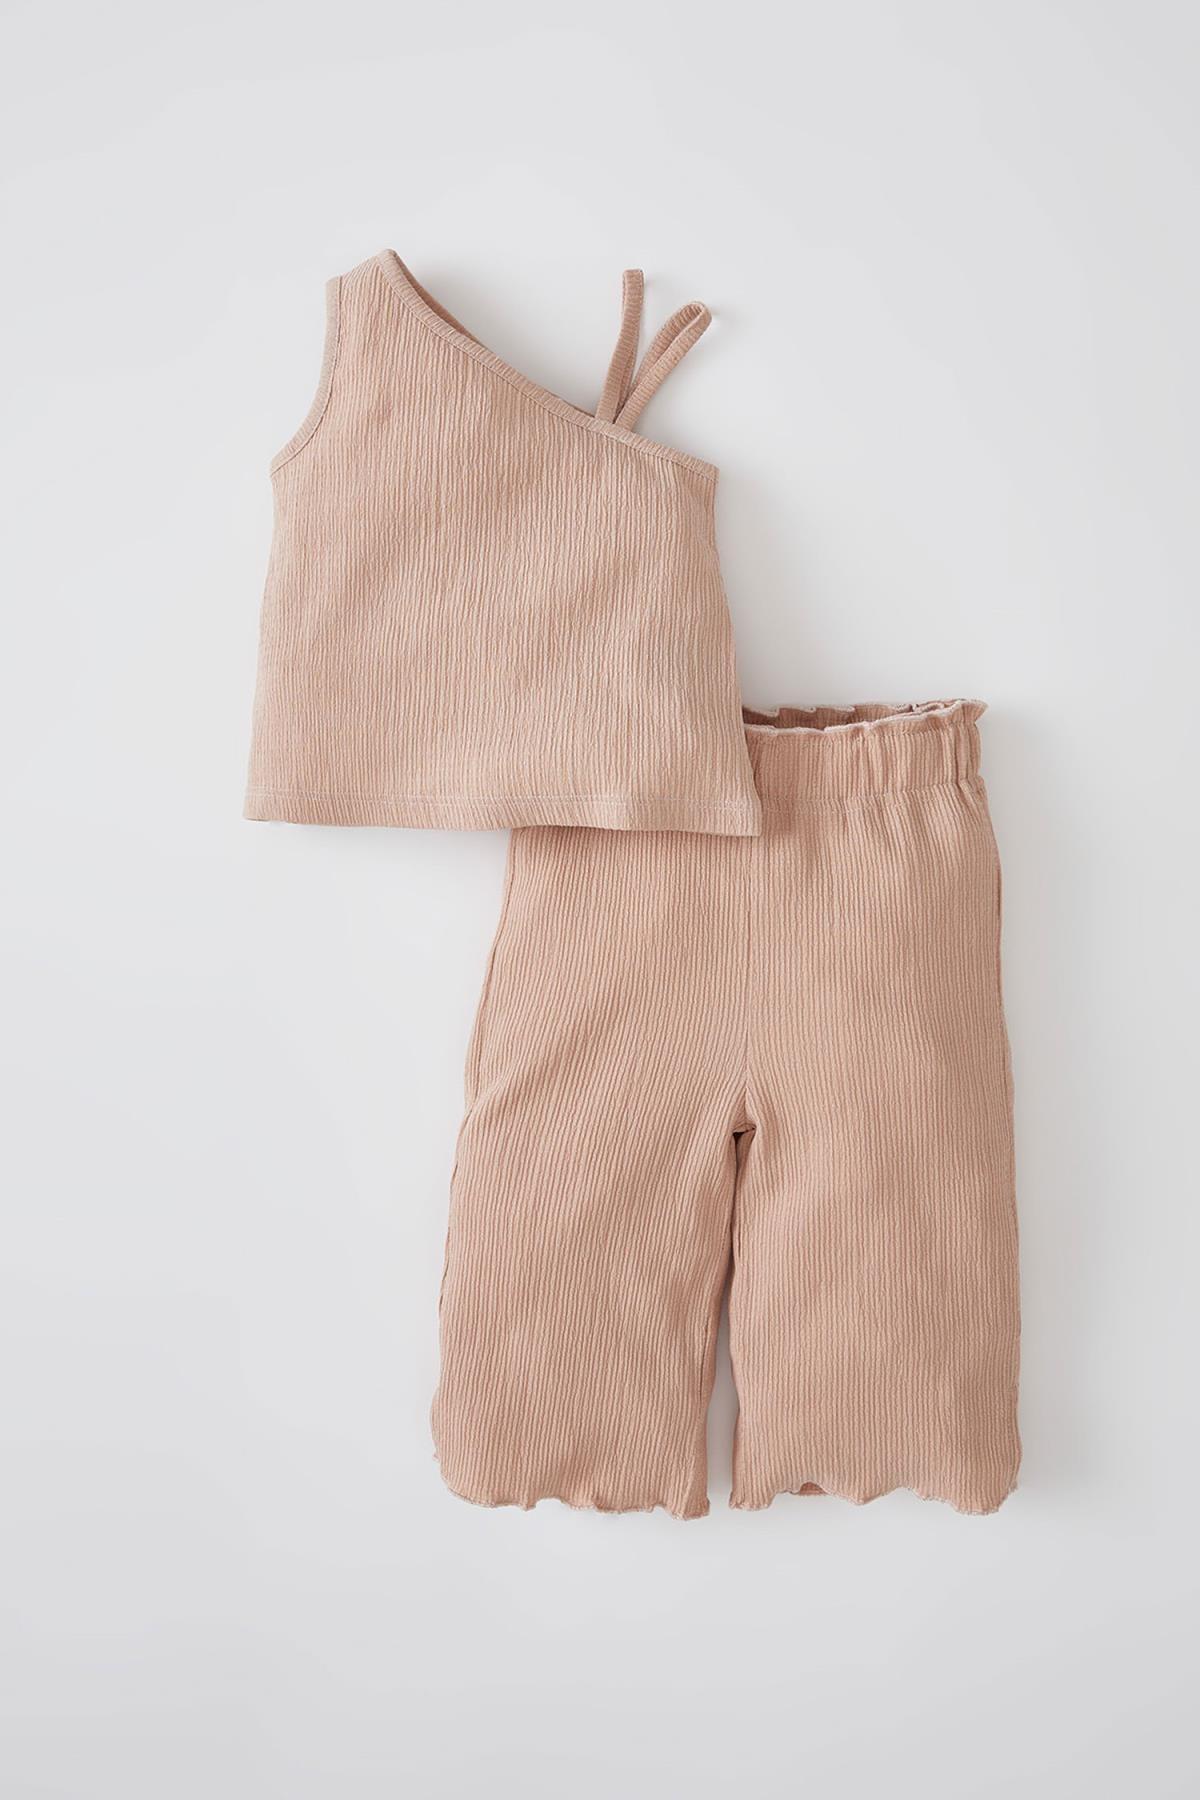 DeFacto Kahverengi Kız Bebek Tek Omuzlu Dokulu Bluz Ve Pantolon Takımı V8088A221HS